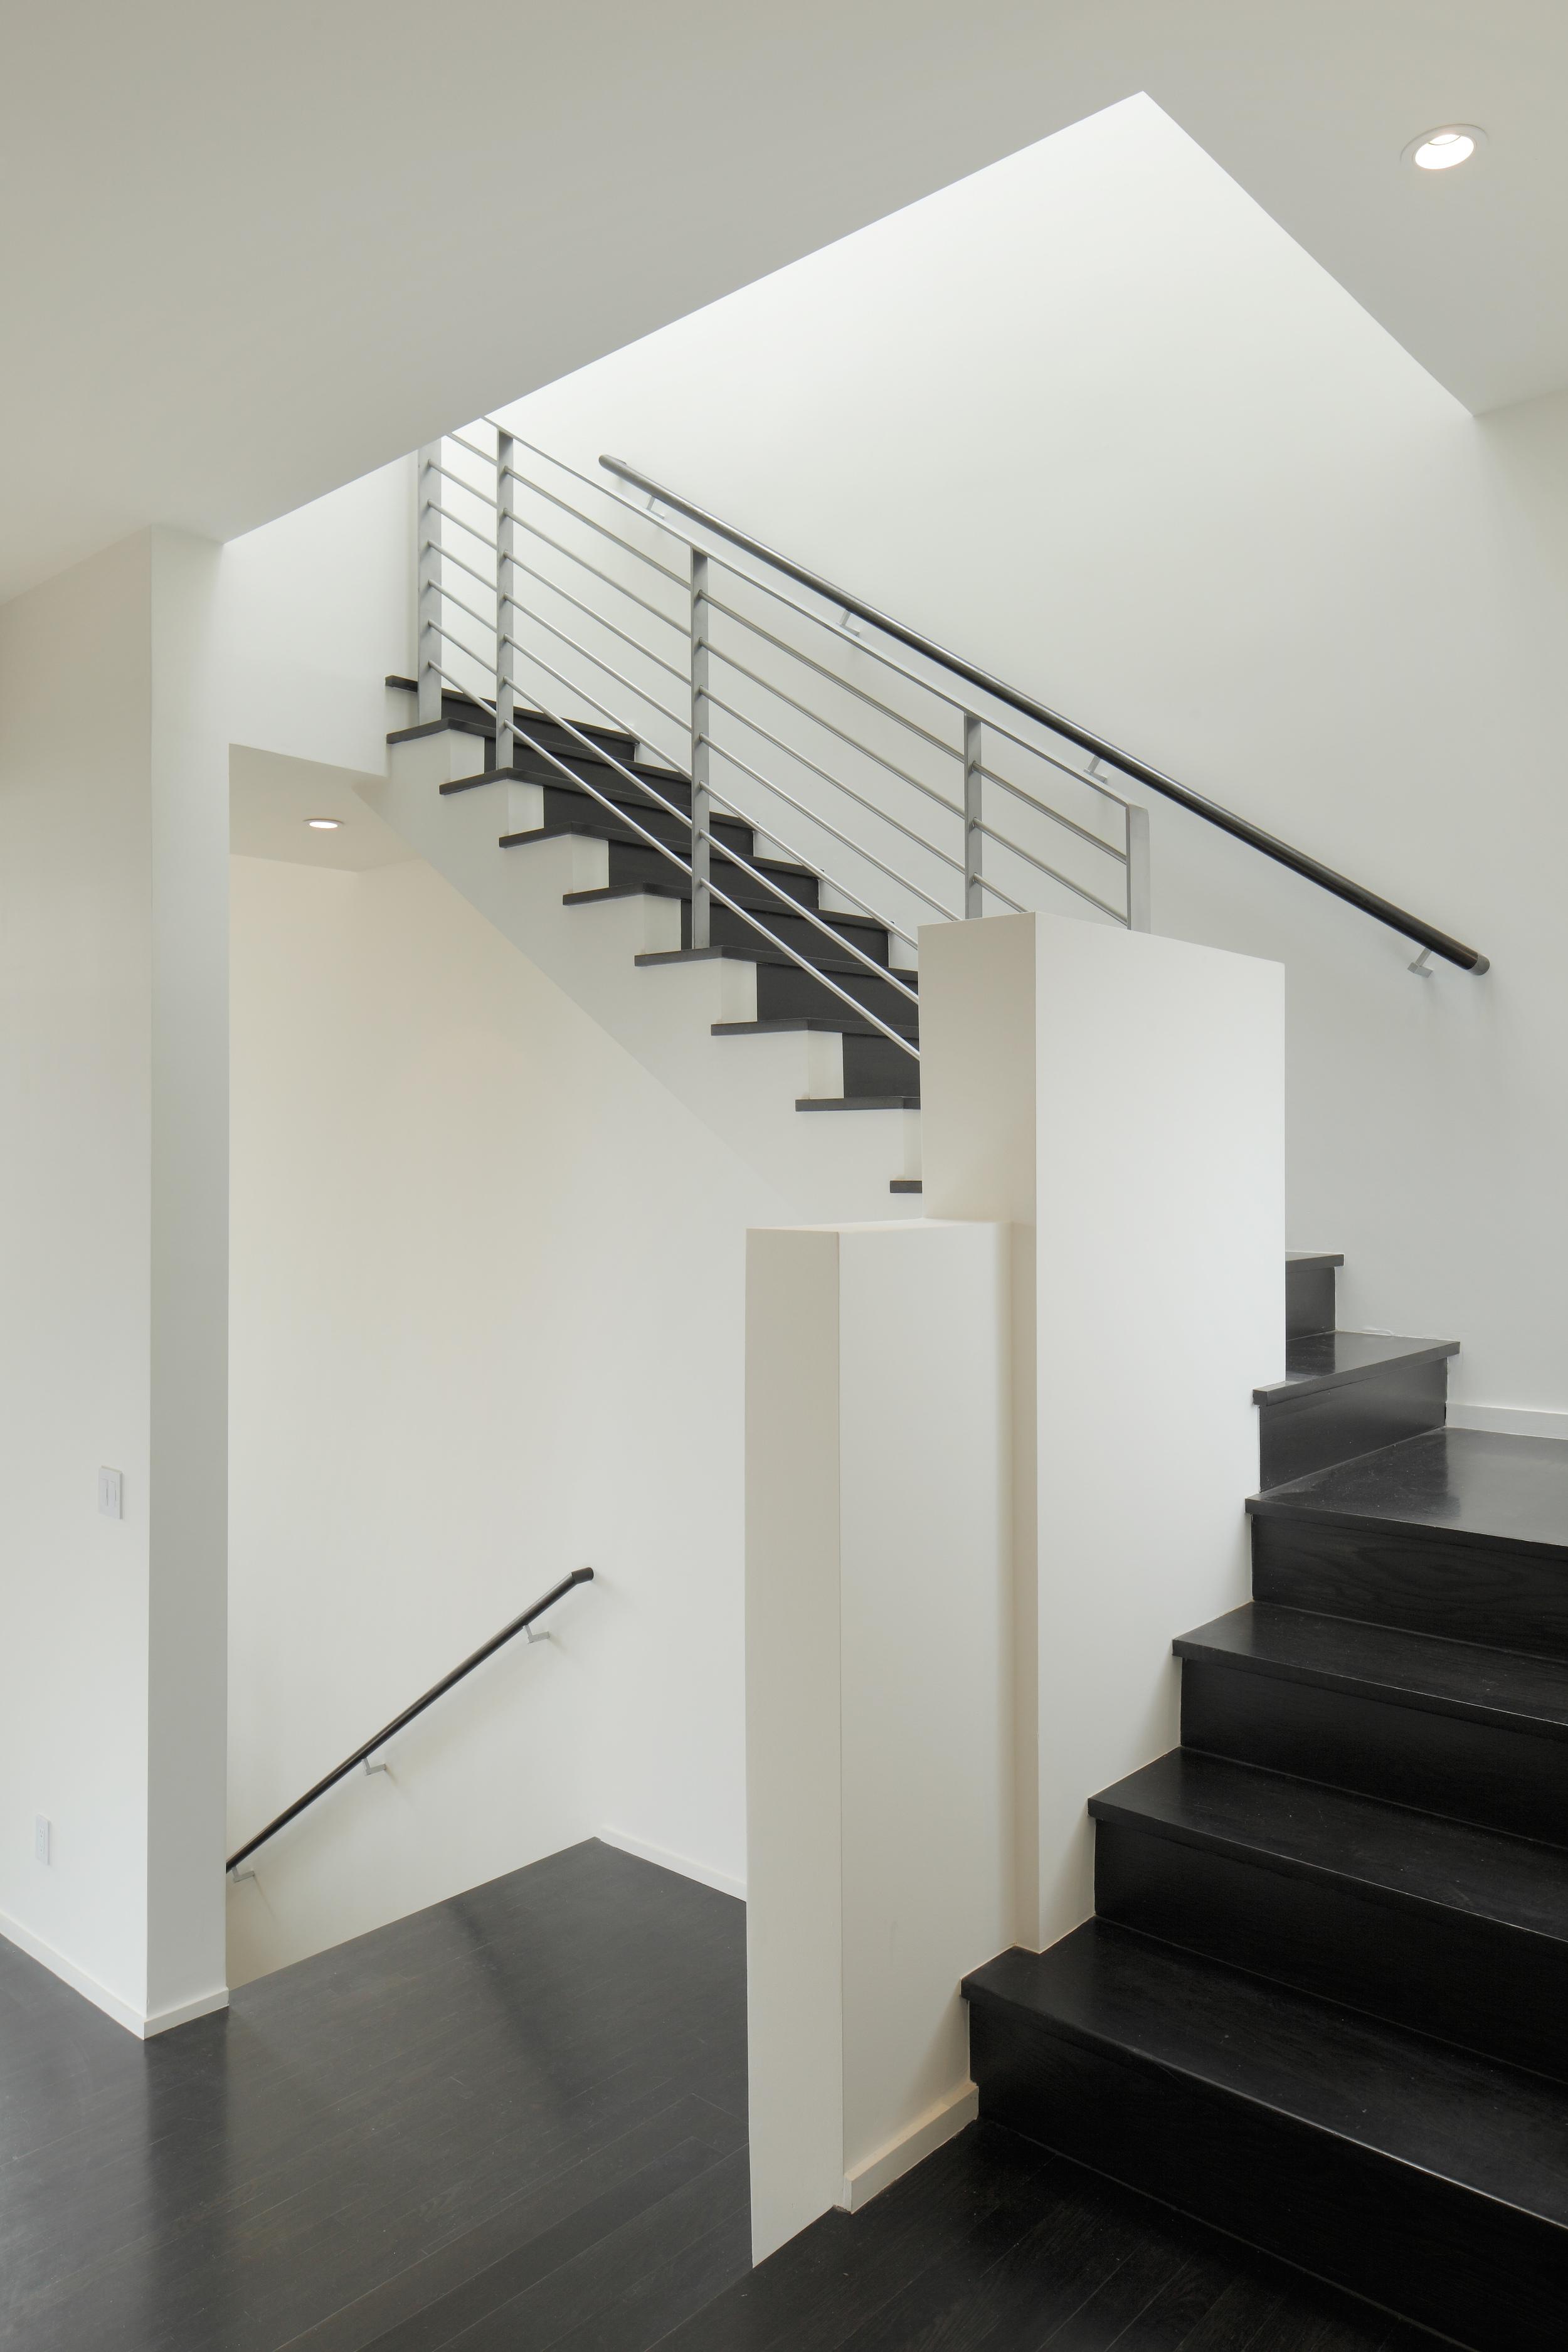 Stairway_1265.jpg